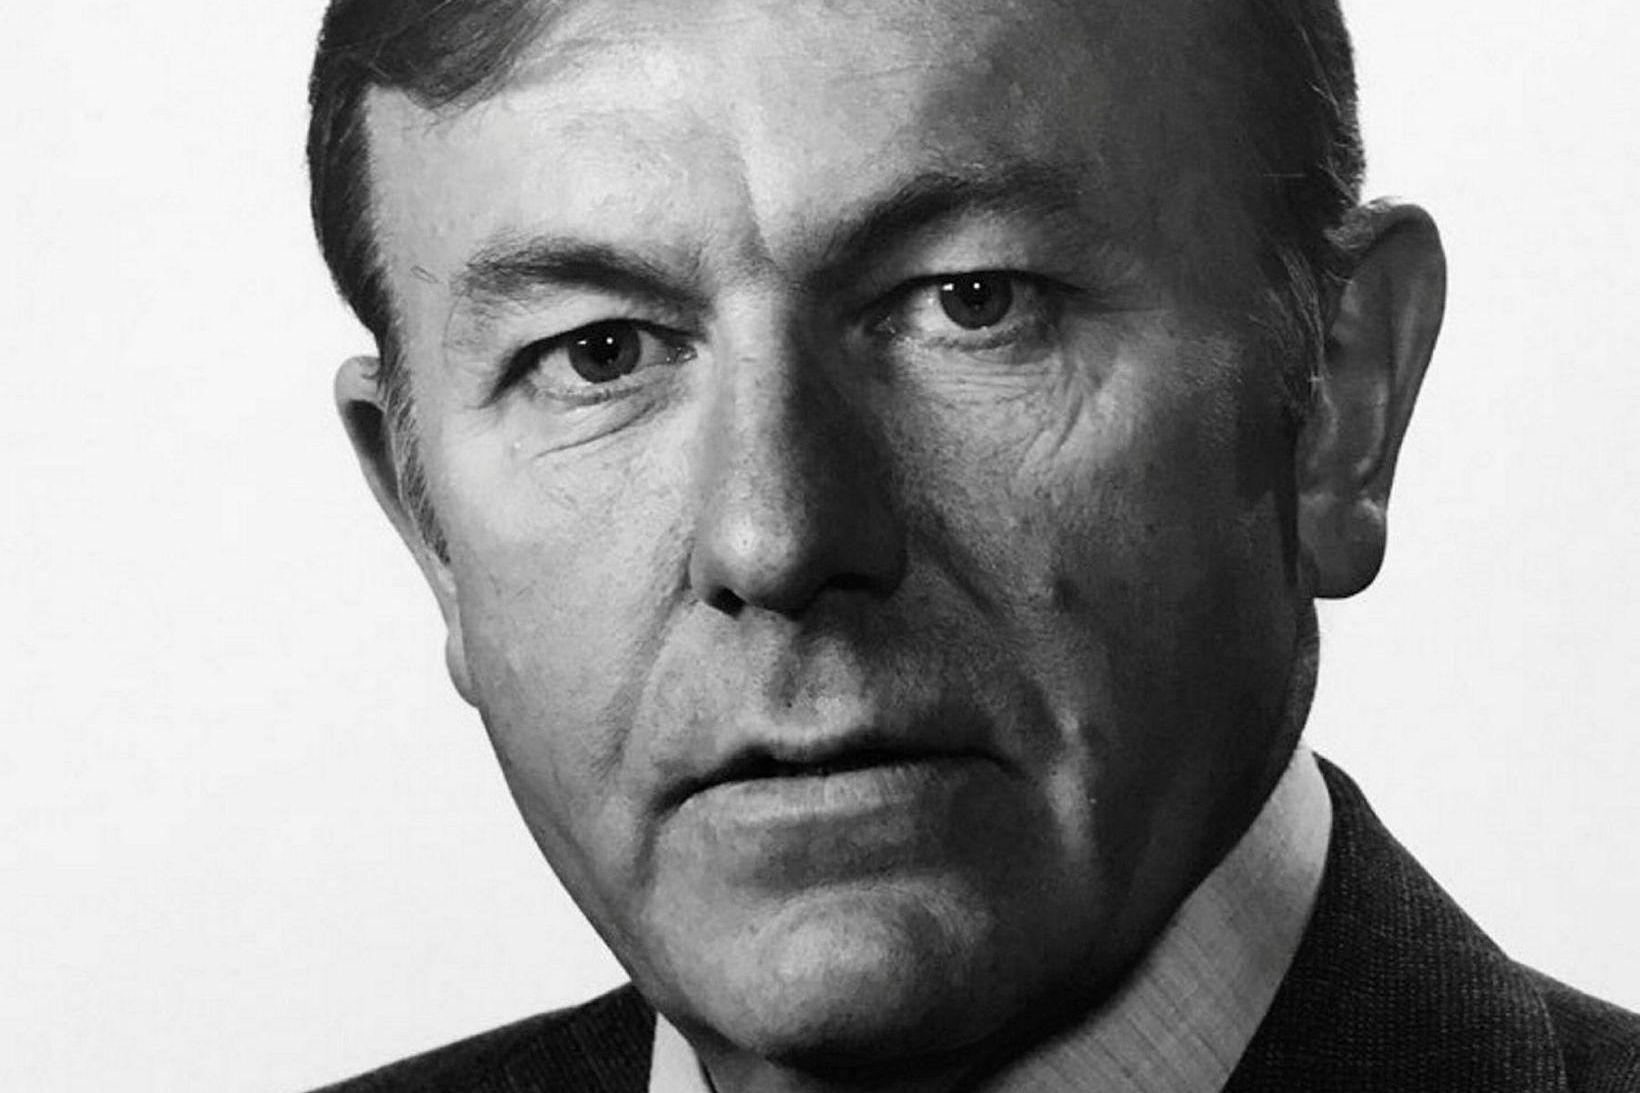 Hjalti Geir Kristjánsson